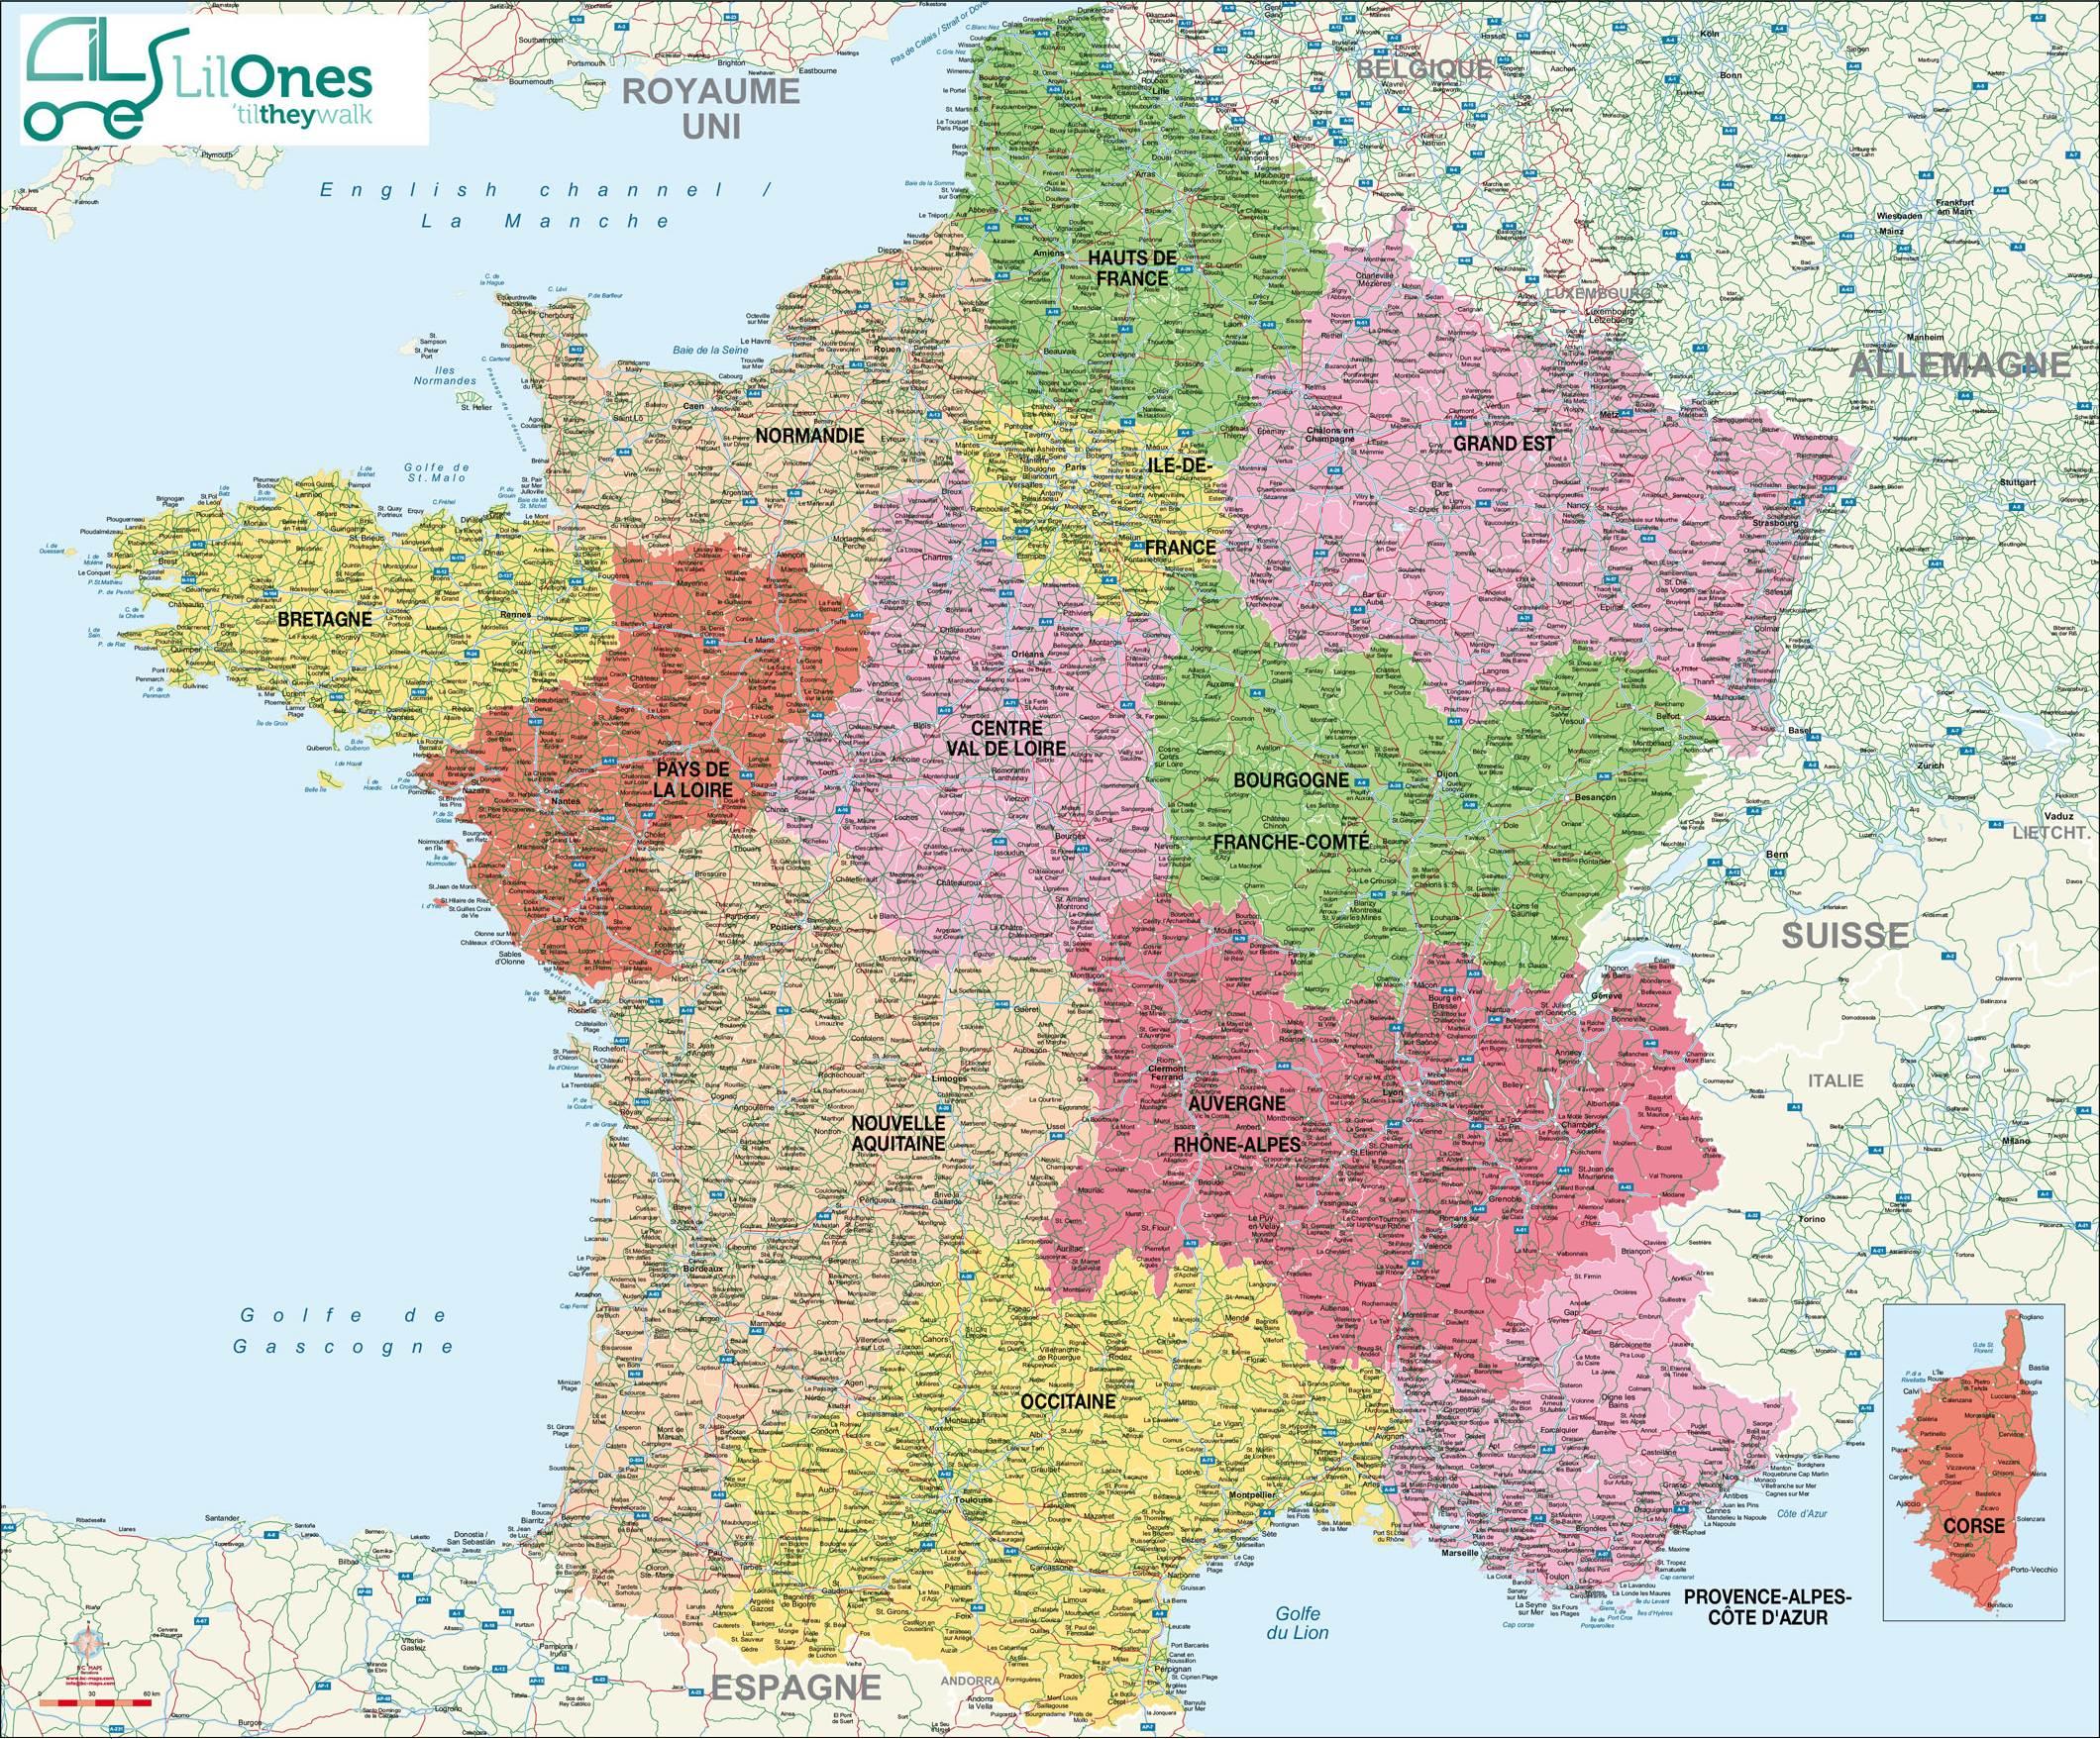 Carte France Villes : Carte Des Villes De France concernant Carte De France Avec Les Villes